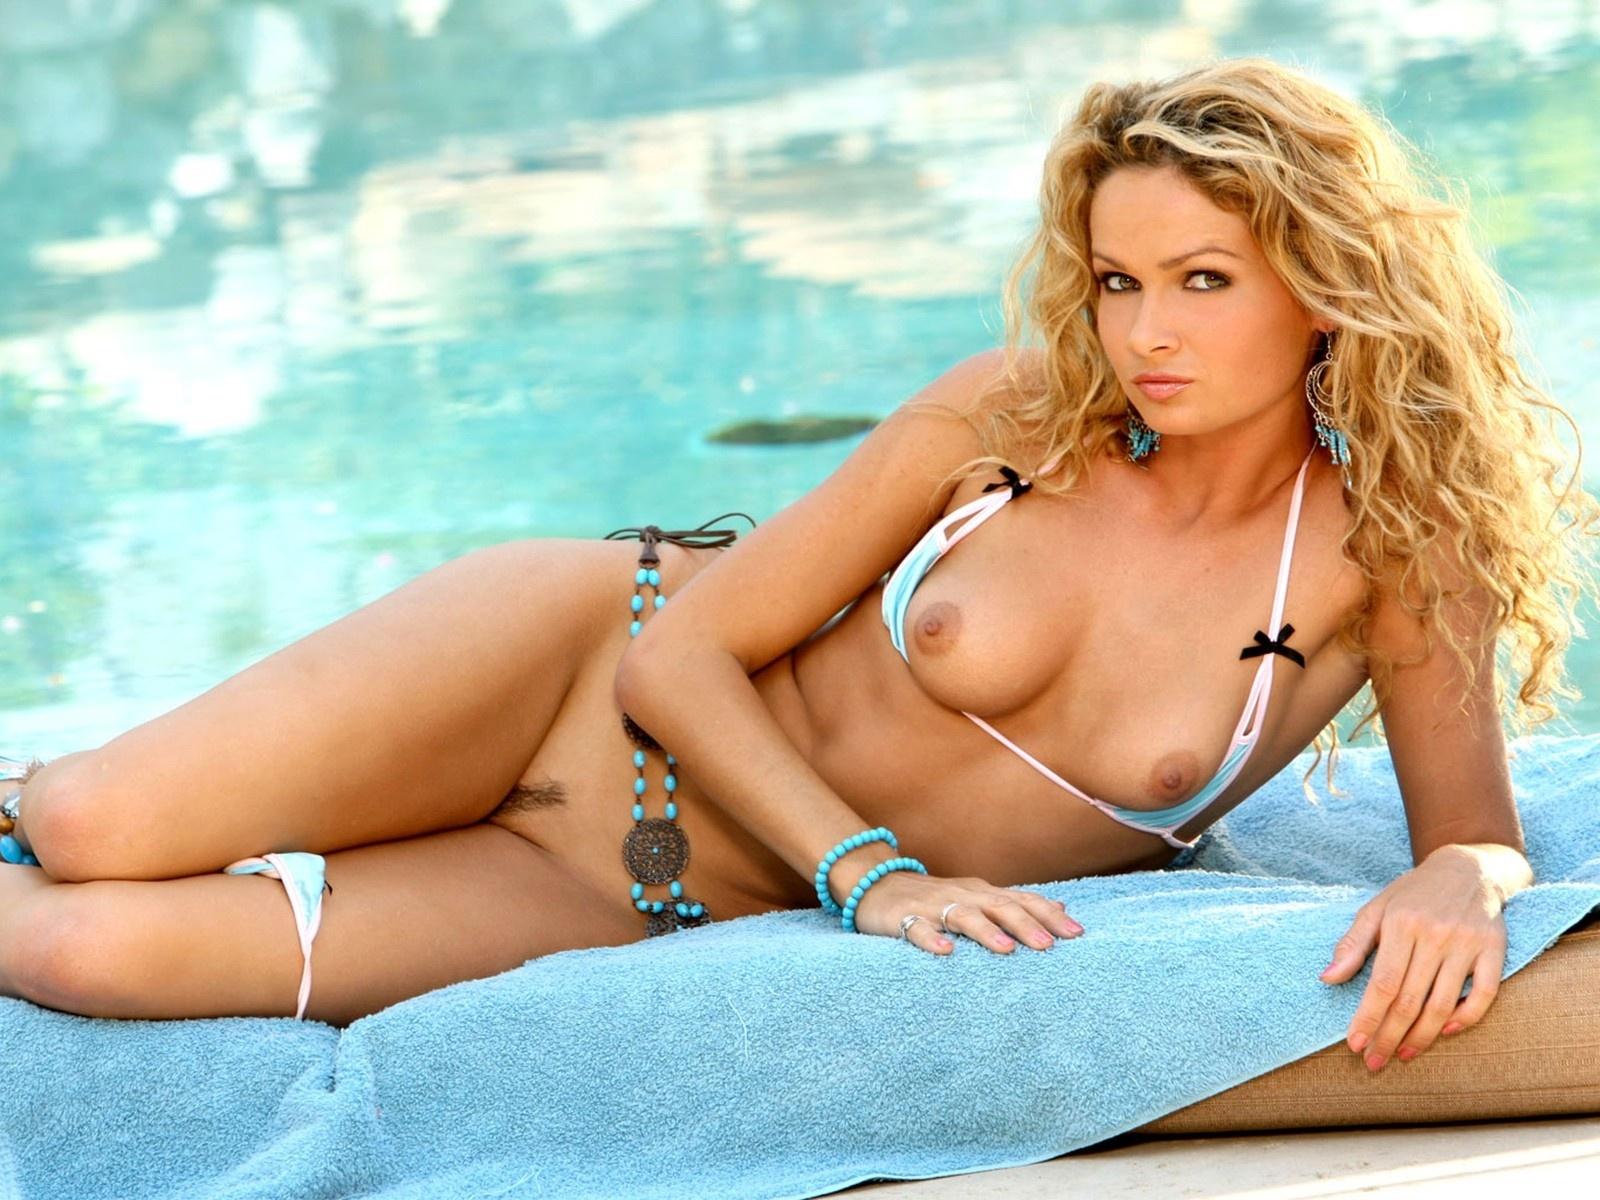 ... .ru » XXX walls » blonde, nude, bikini, pussy, boobs, hot wallpaper